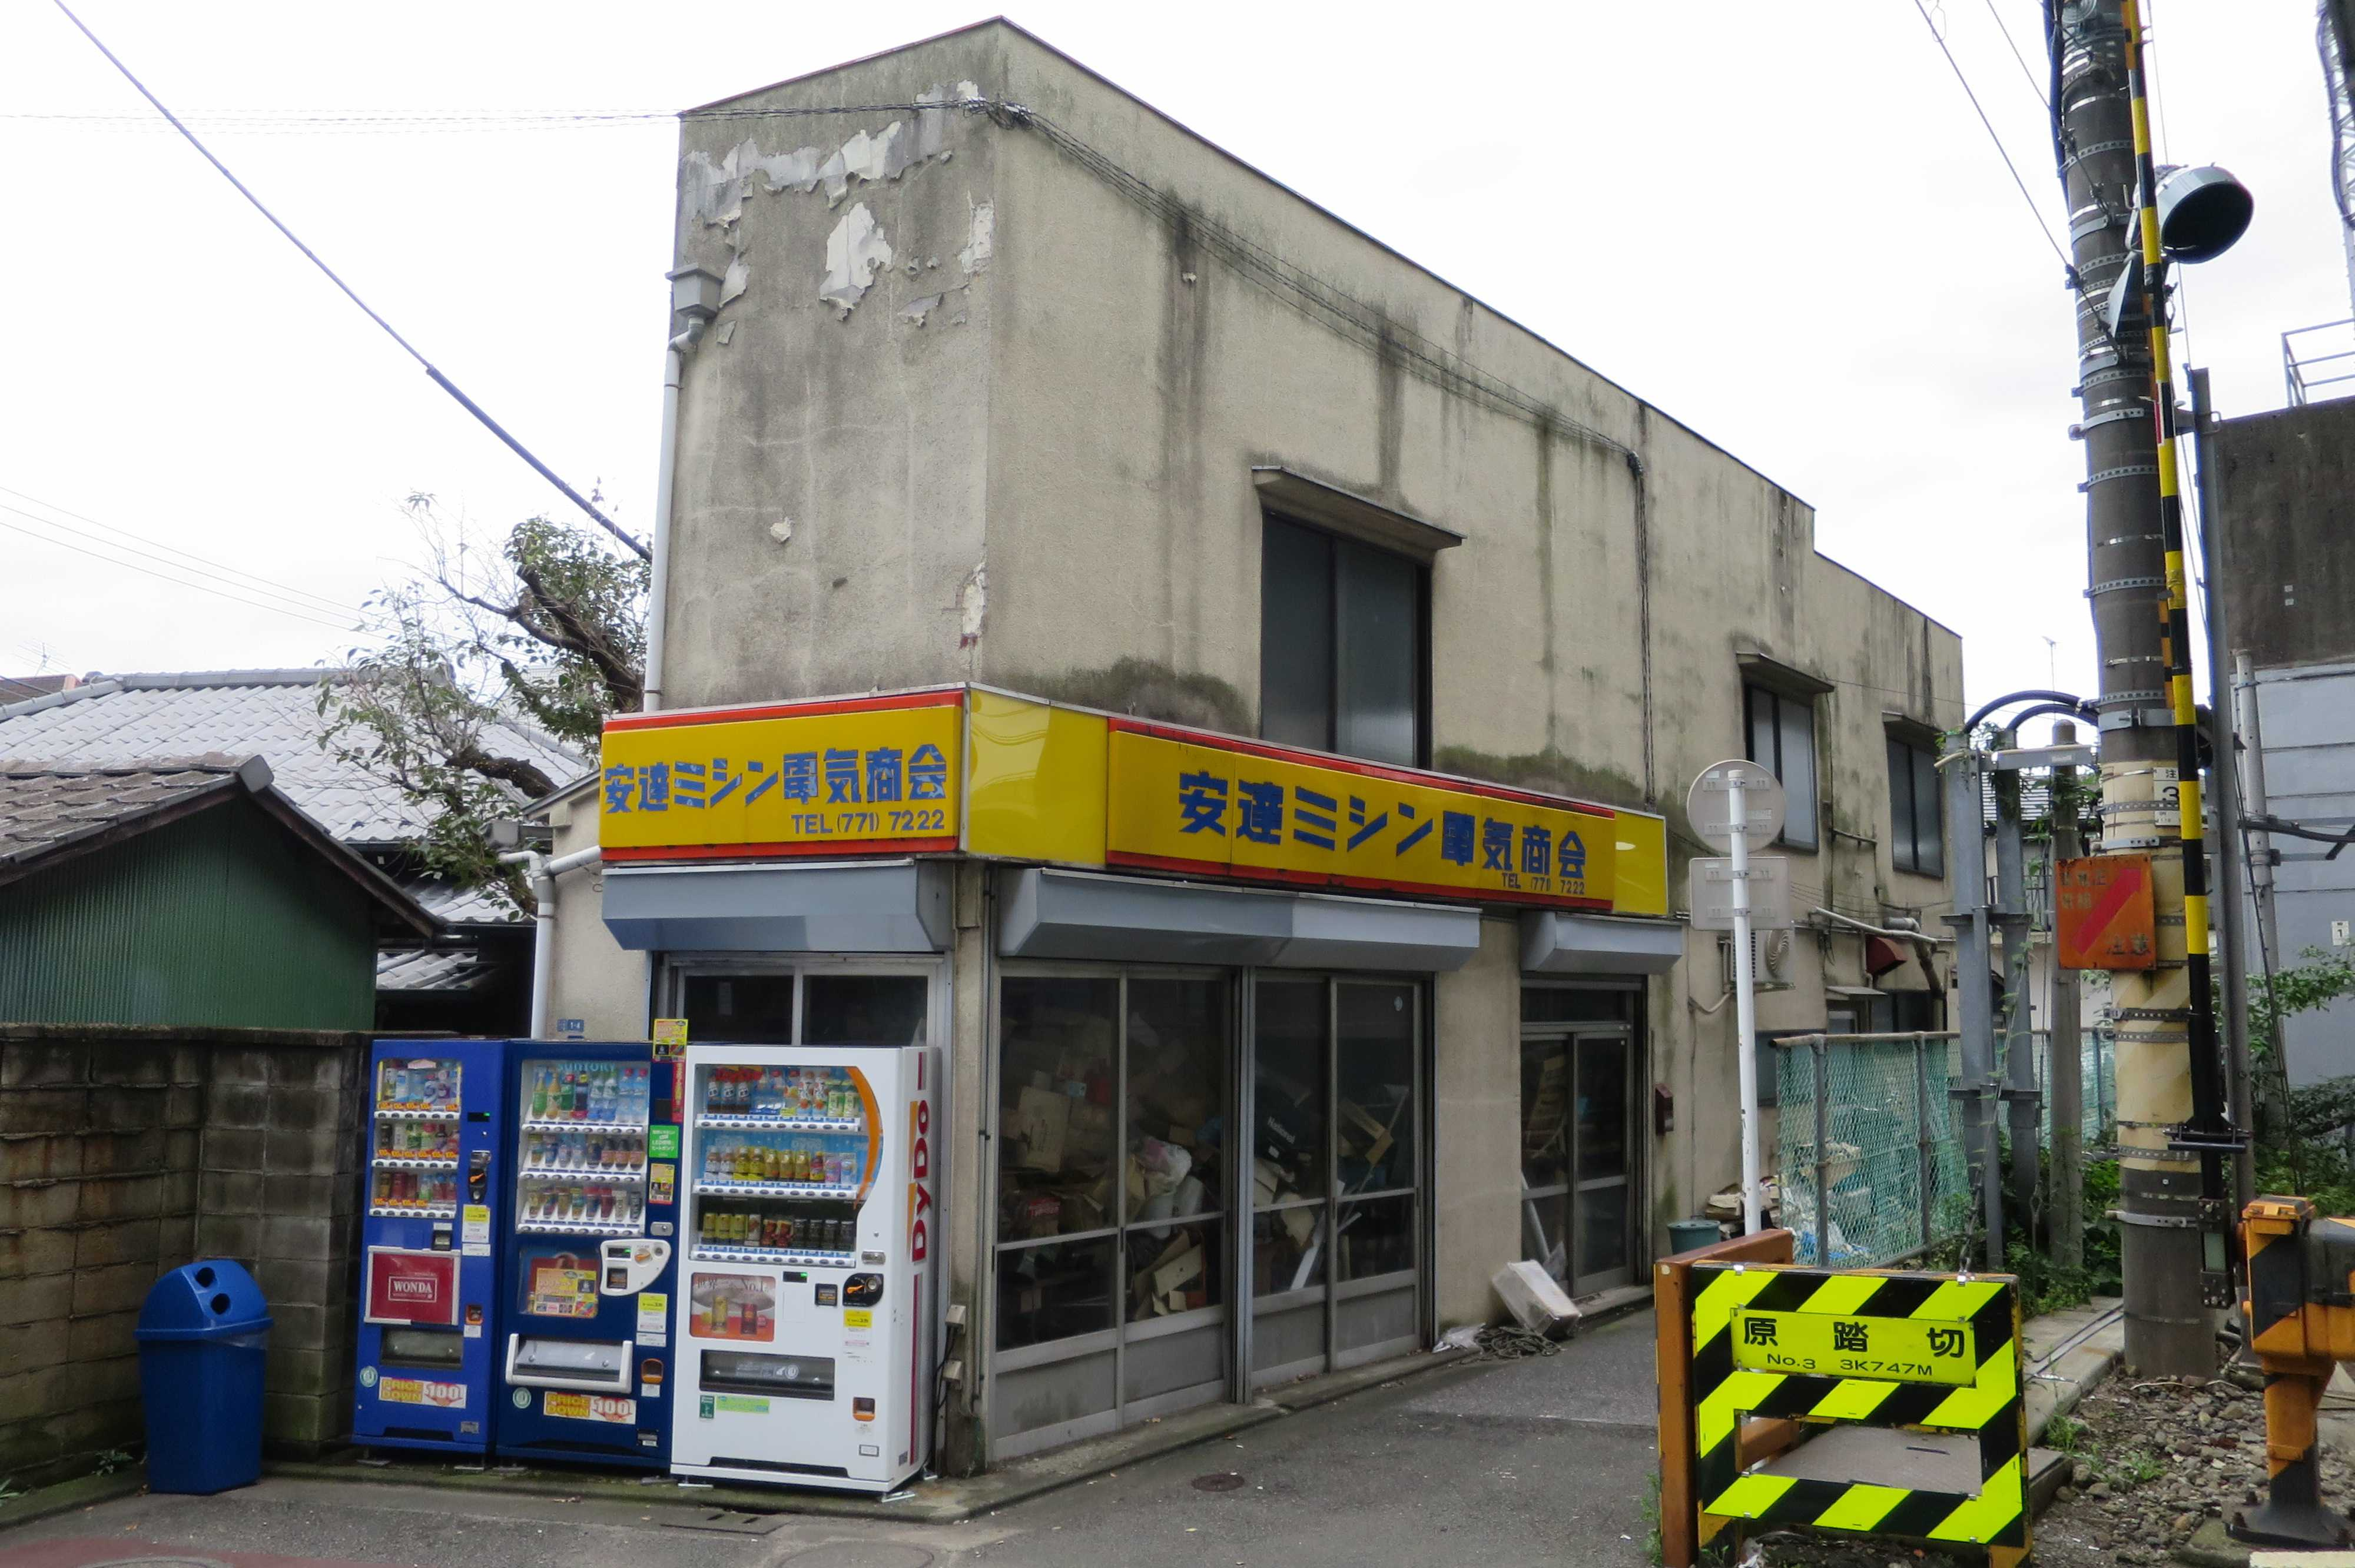 安達ミシン電気商会 - 東京都品川区西大井